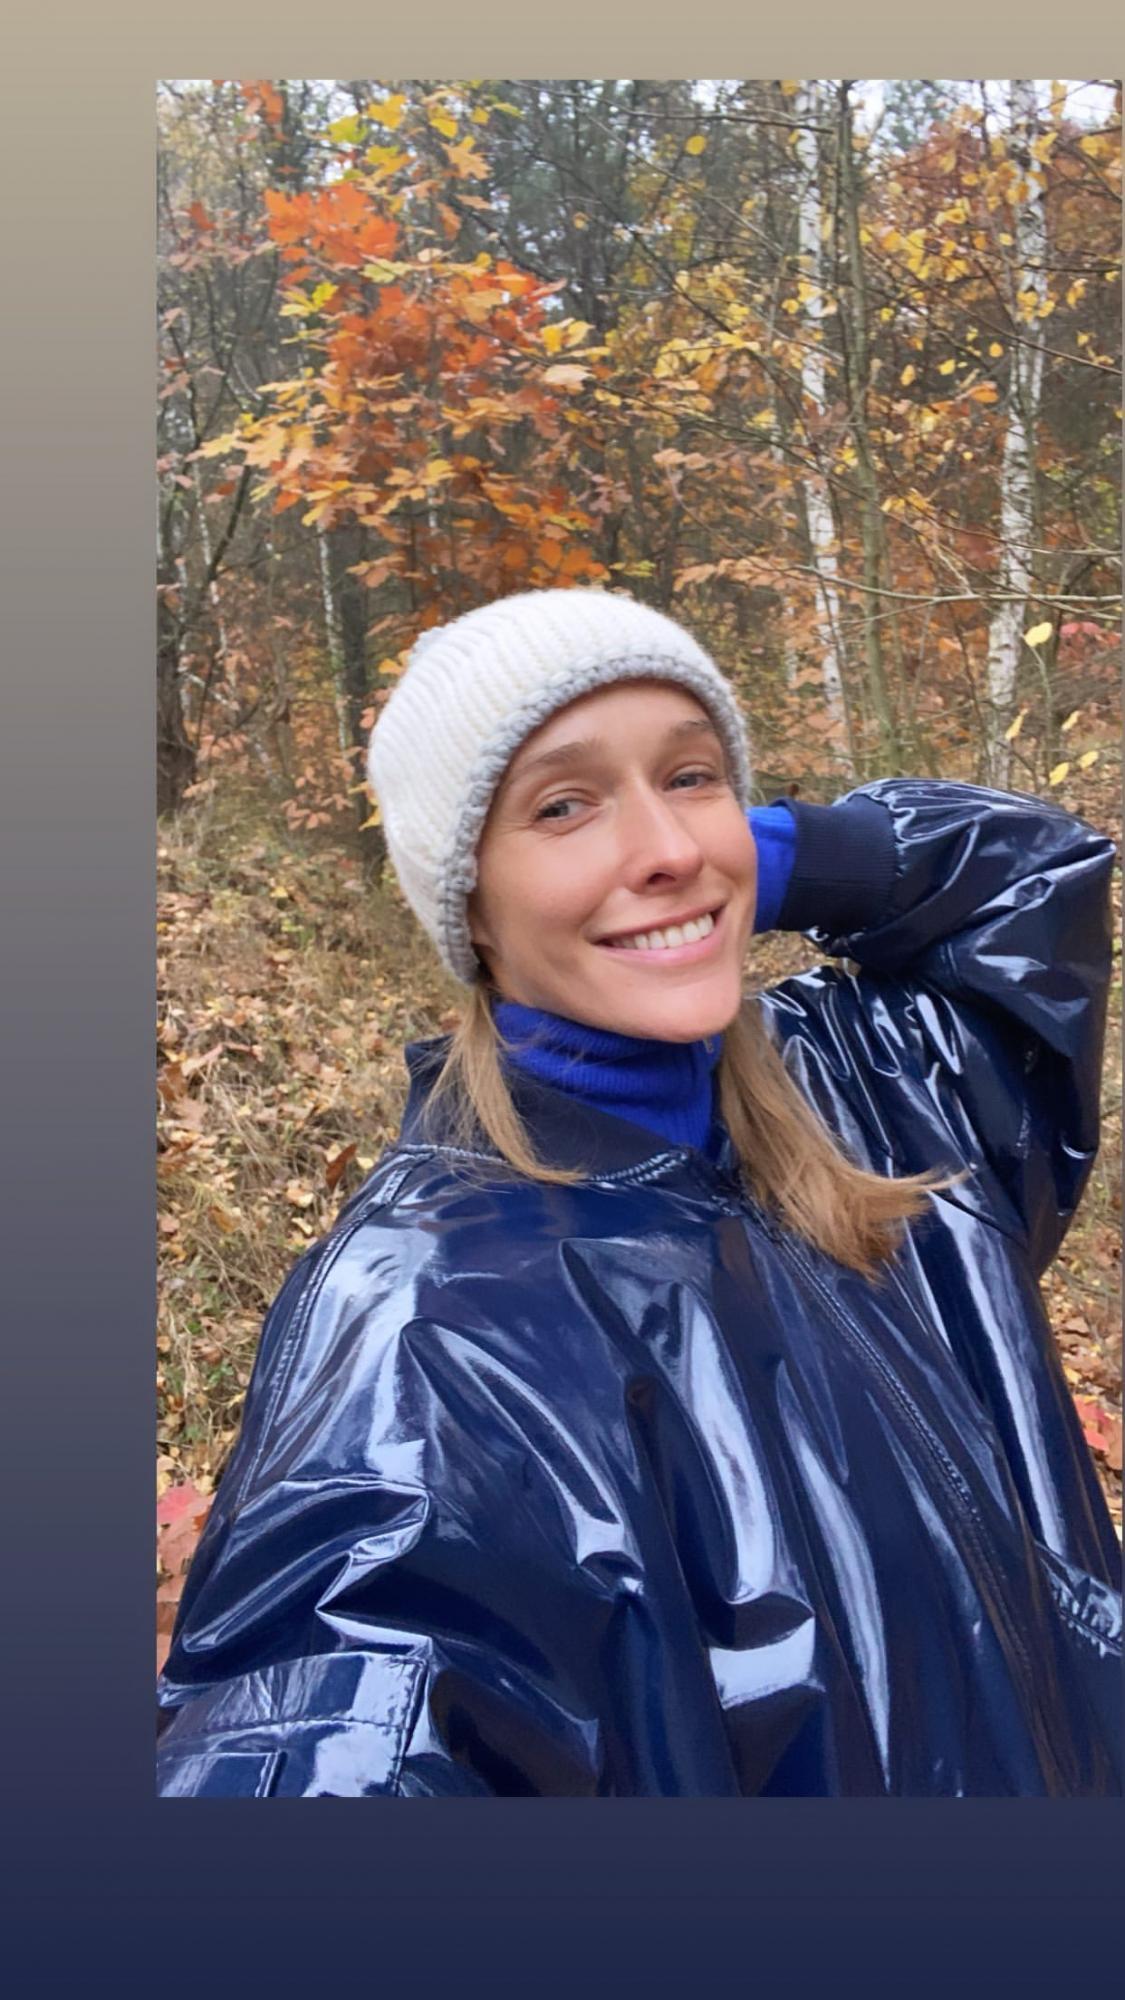 Катя Осадчая очаровала осенним семейным образом с сыном и растрогала Горбунова: папа скучает